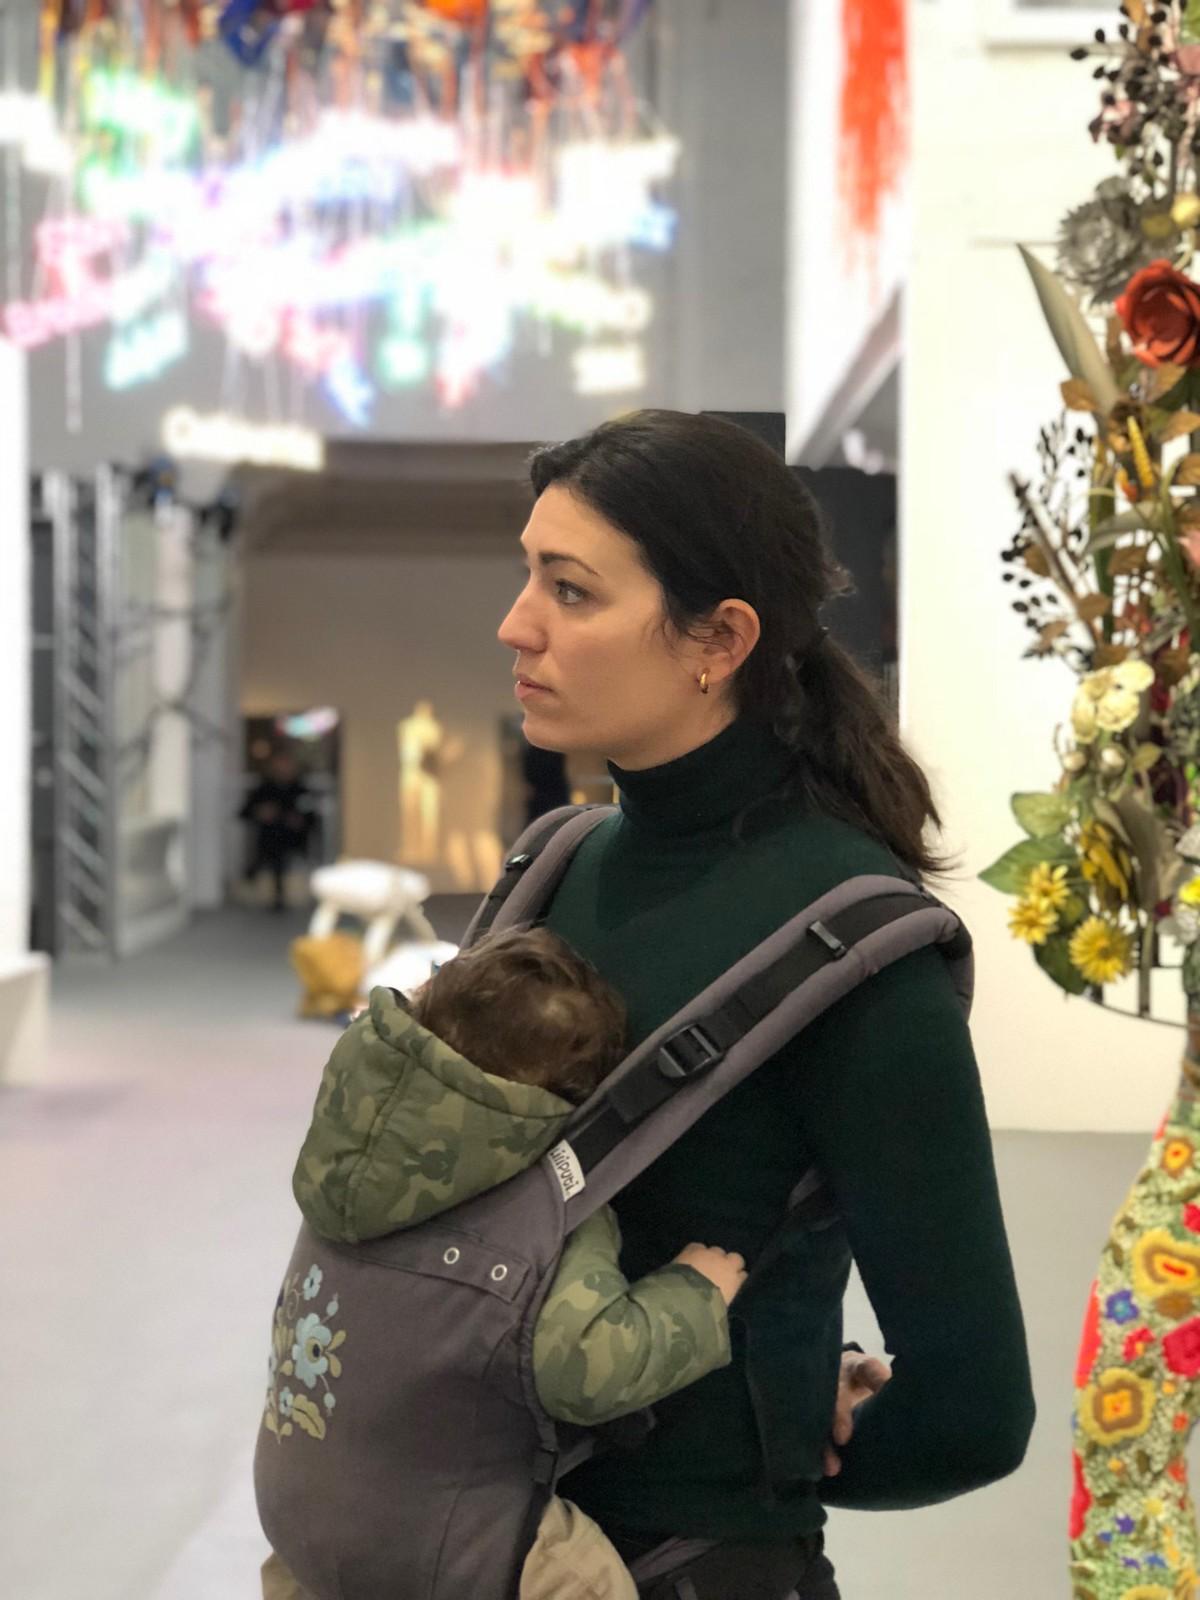 Visitando el Museo de Arte Contemporáneo en Bruselas